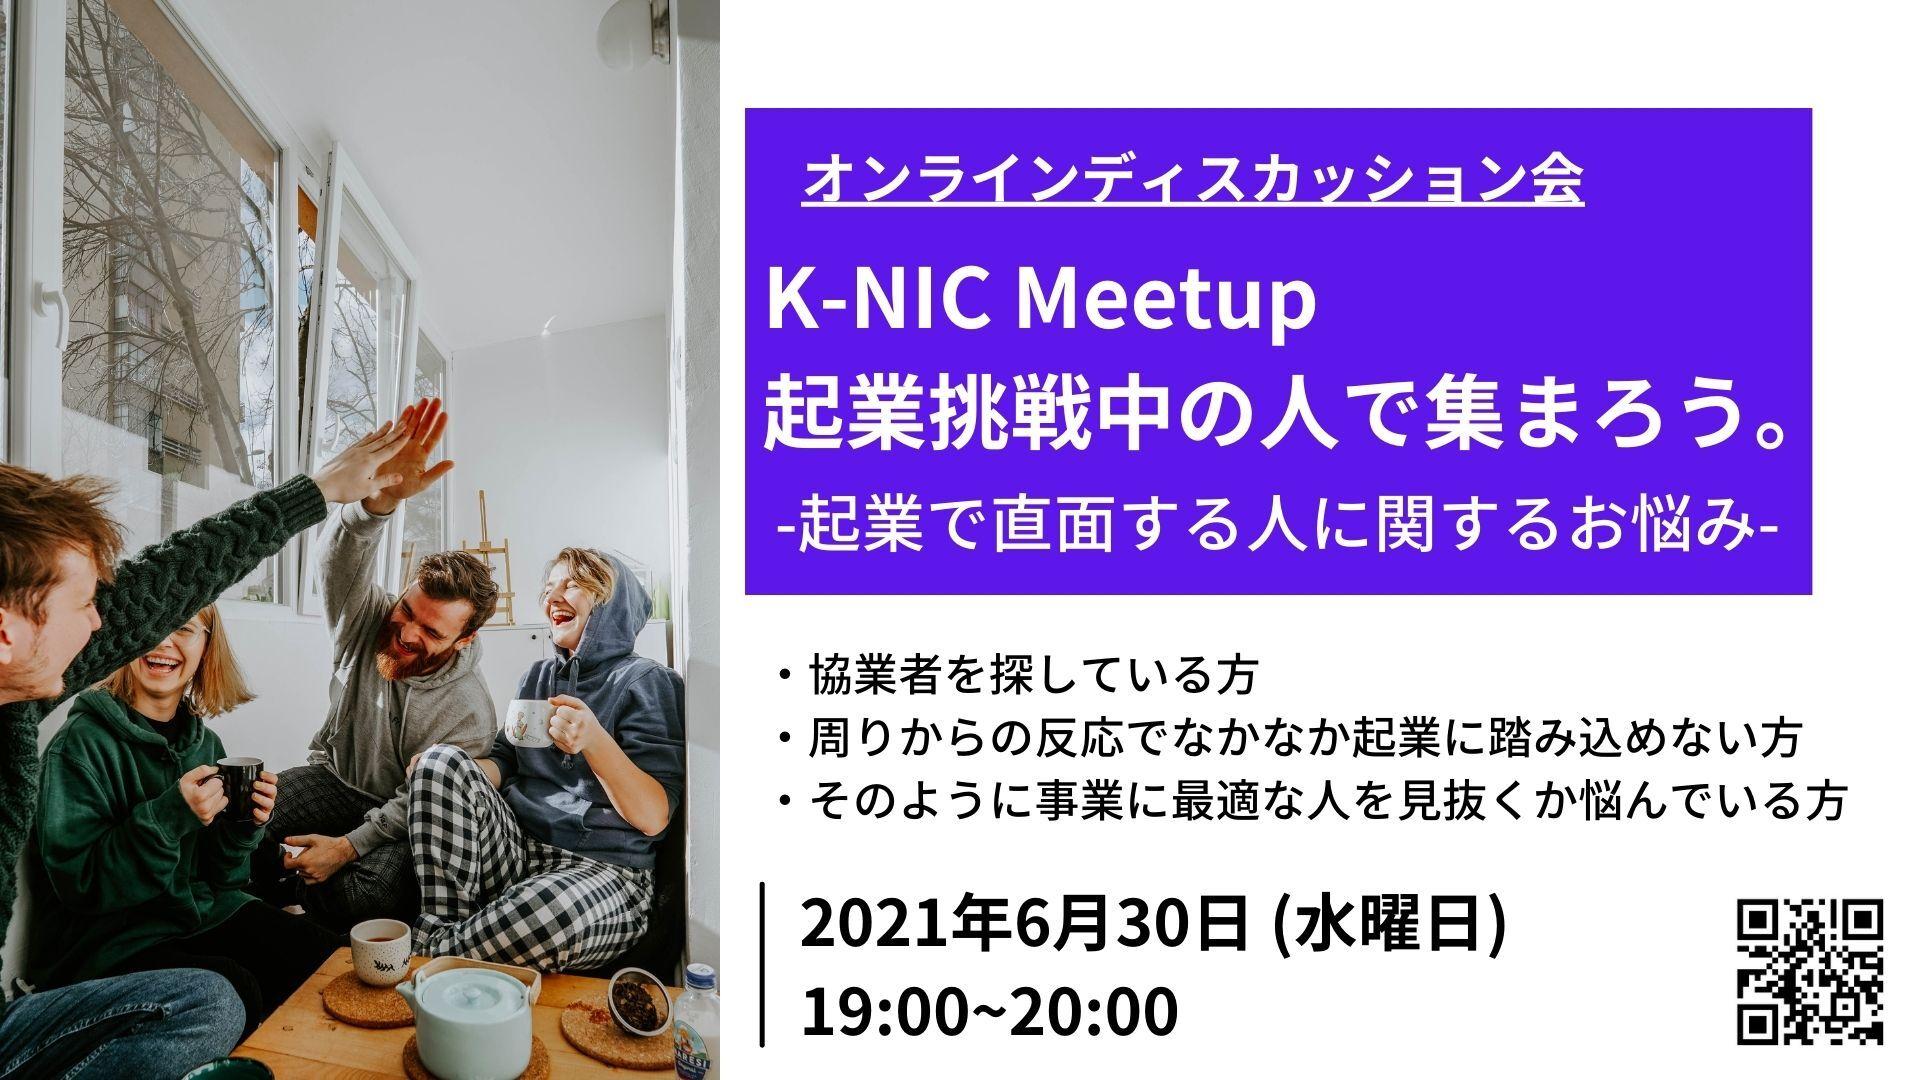 【6/30開催】K-NIC Meetup 起業挑戦中の人で集まろう。